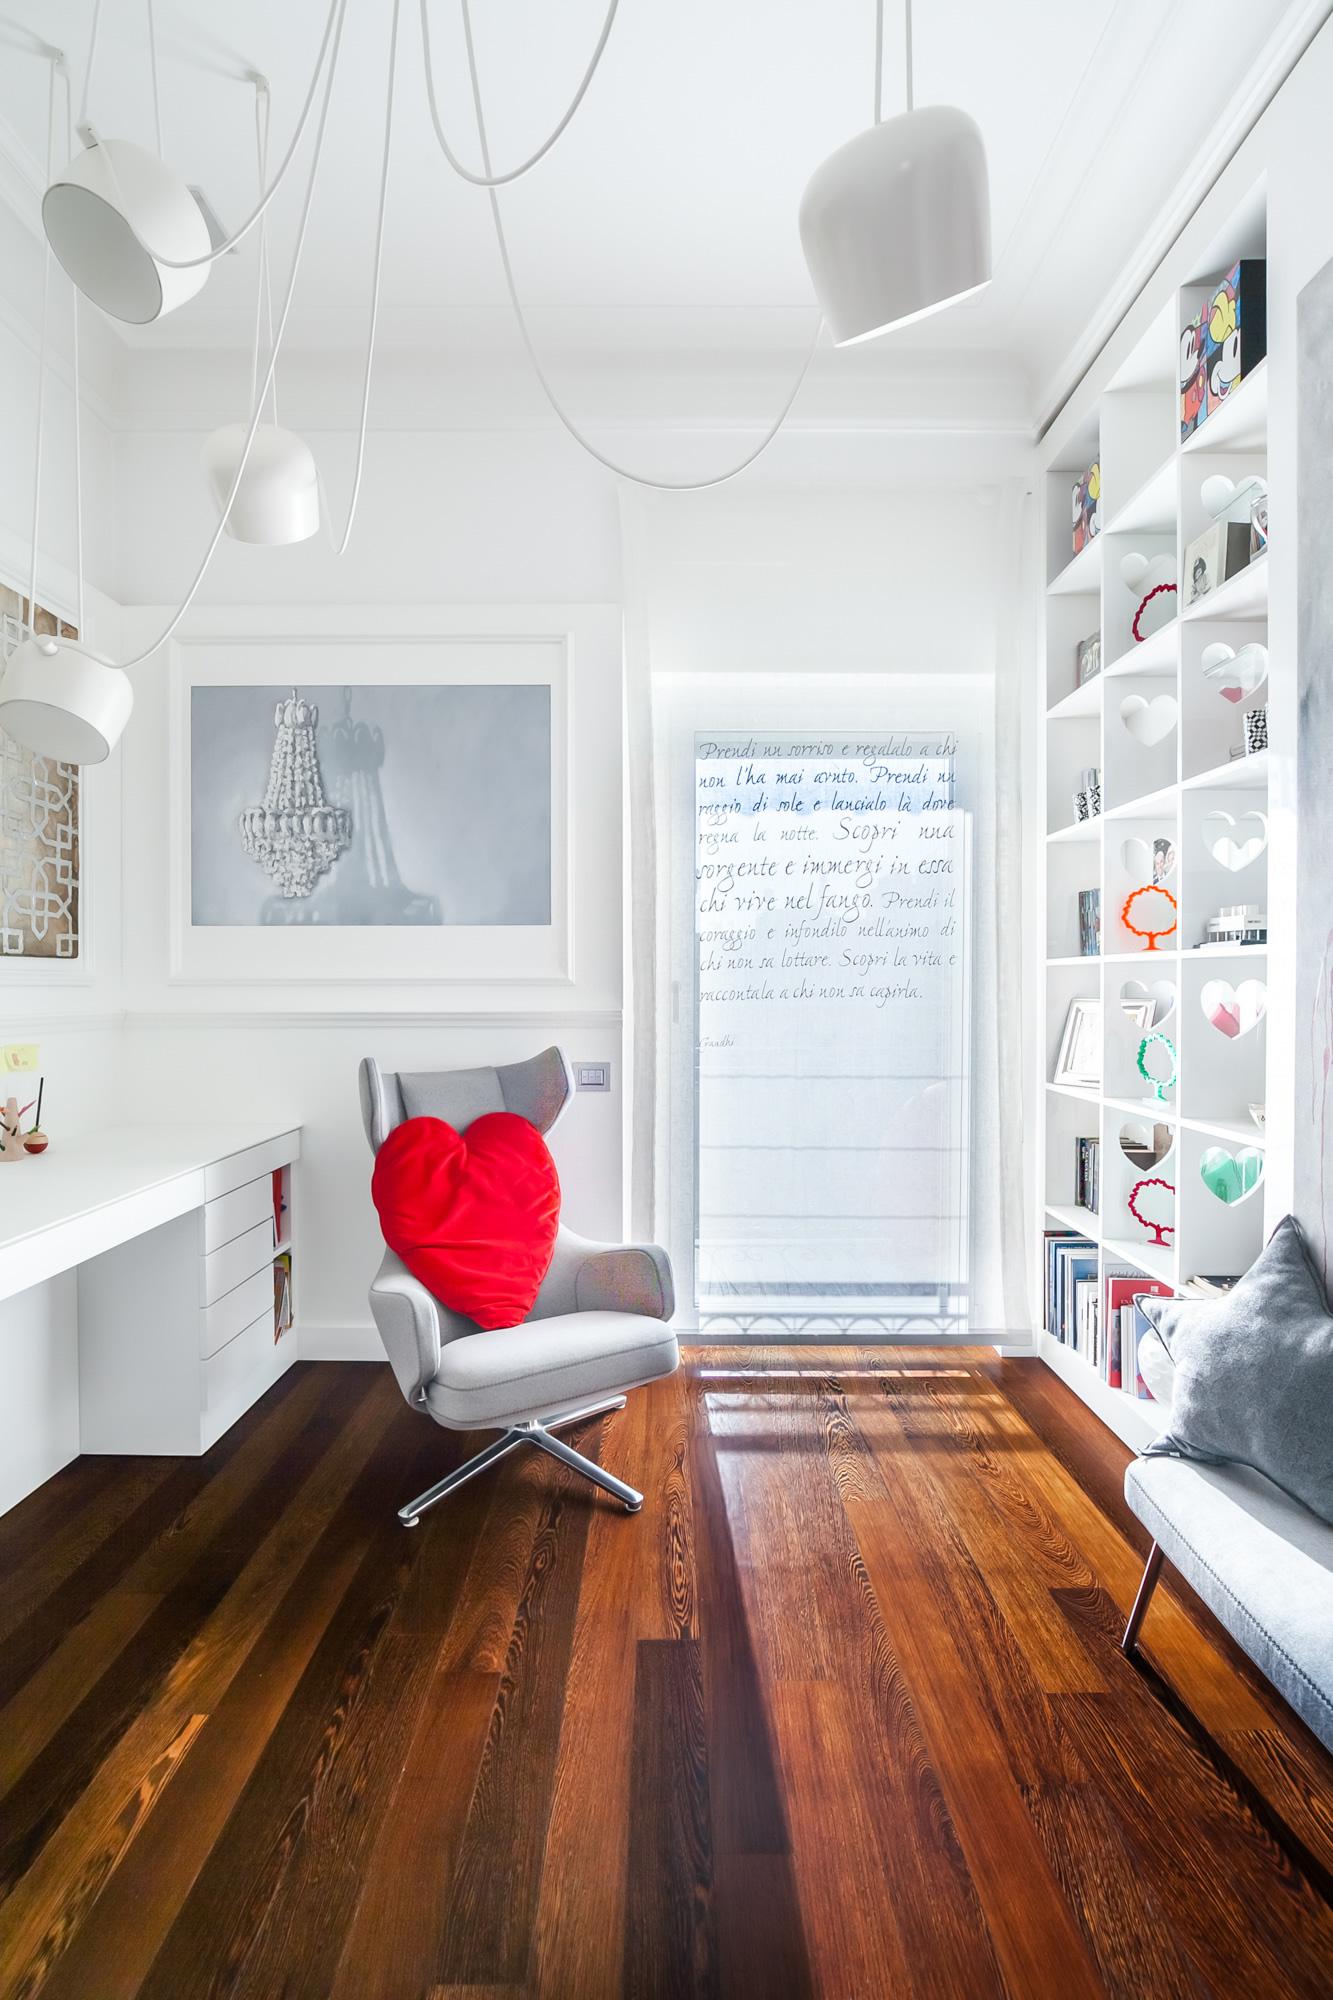 fantastic-home-silvia-zamarion-architetto-roma-home-001-29